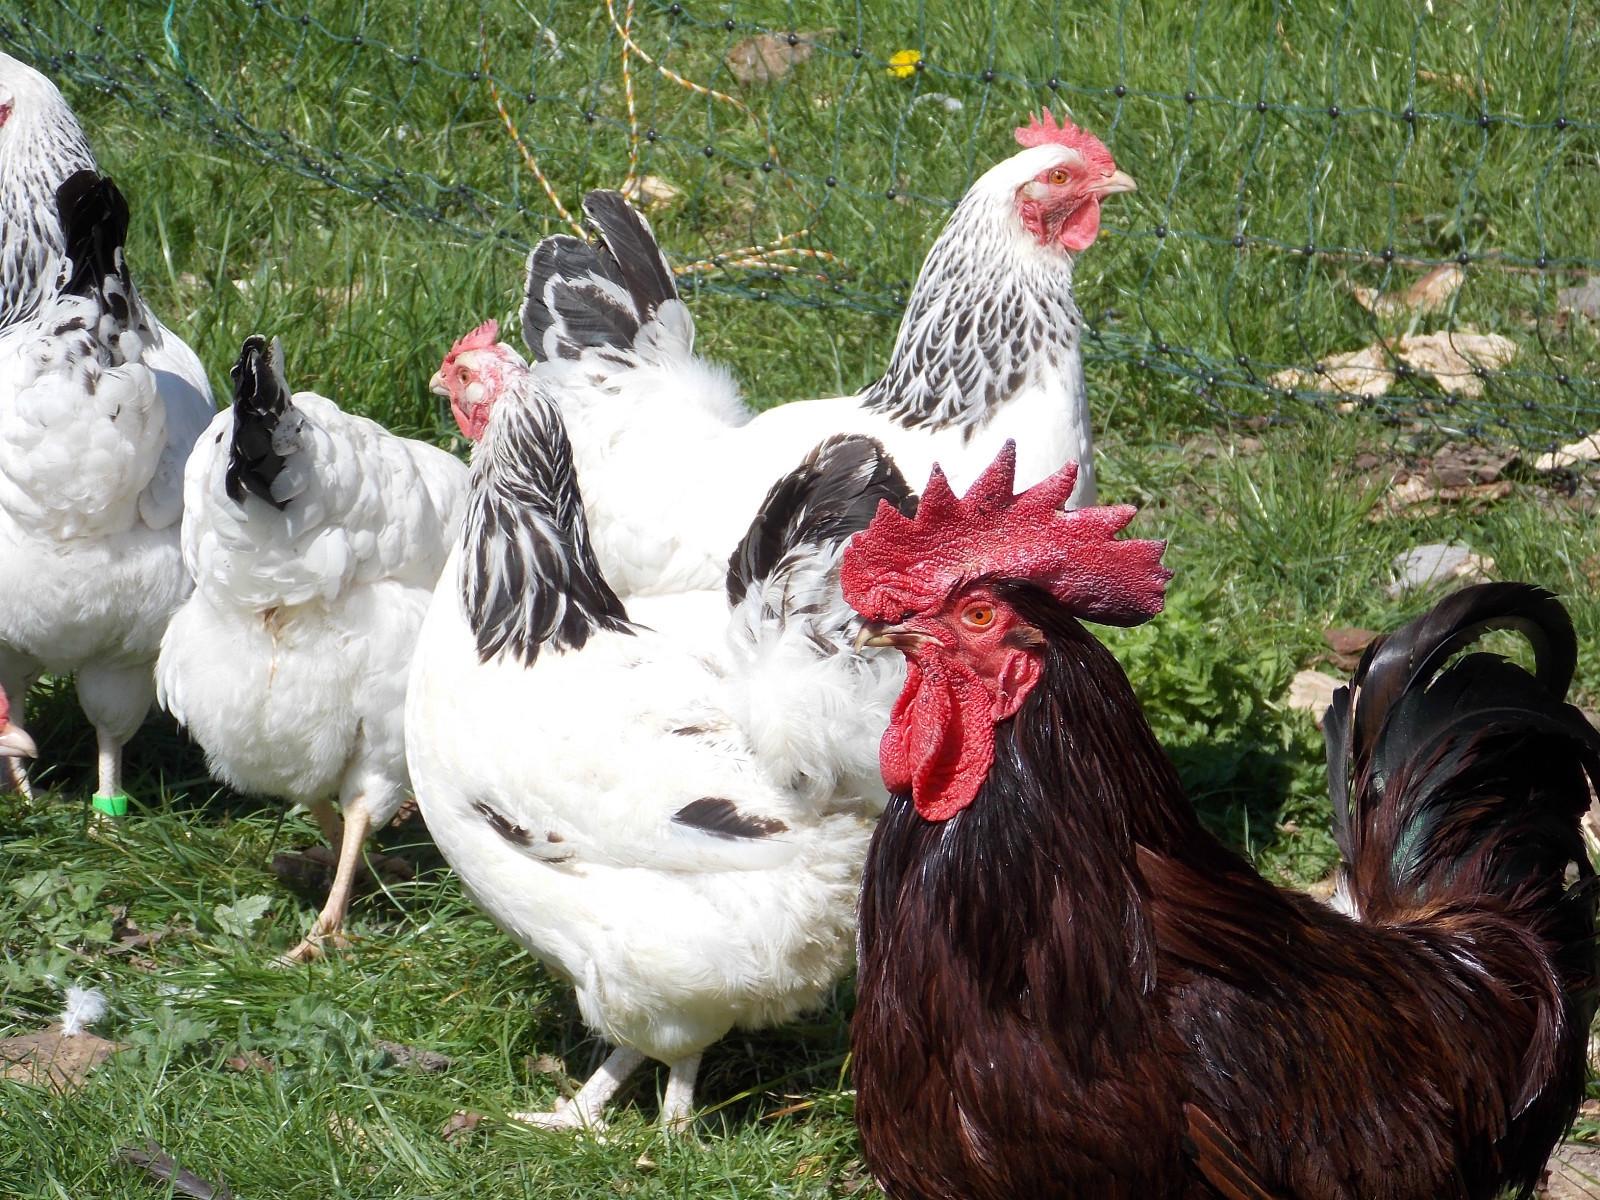 Суссекс - мясо-яичная порода кур. Характеристики, описание, особенности разведения и содержания